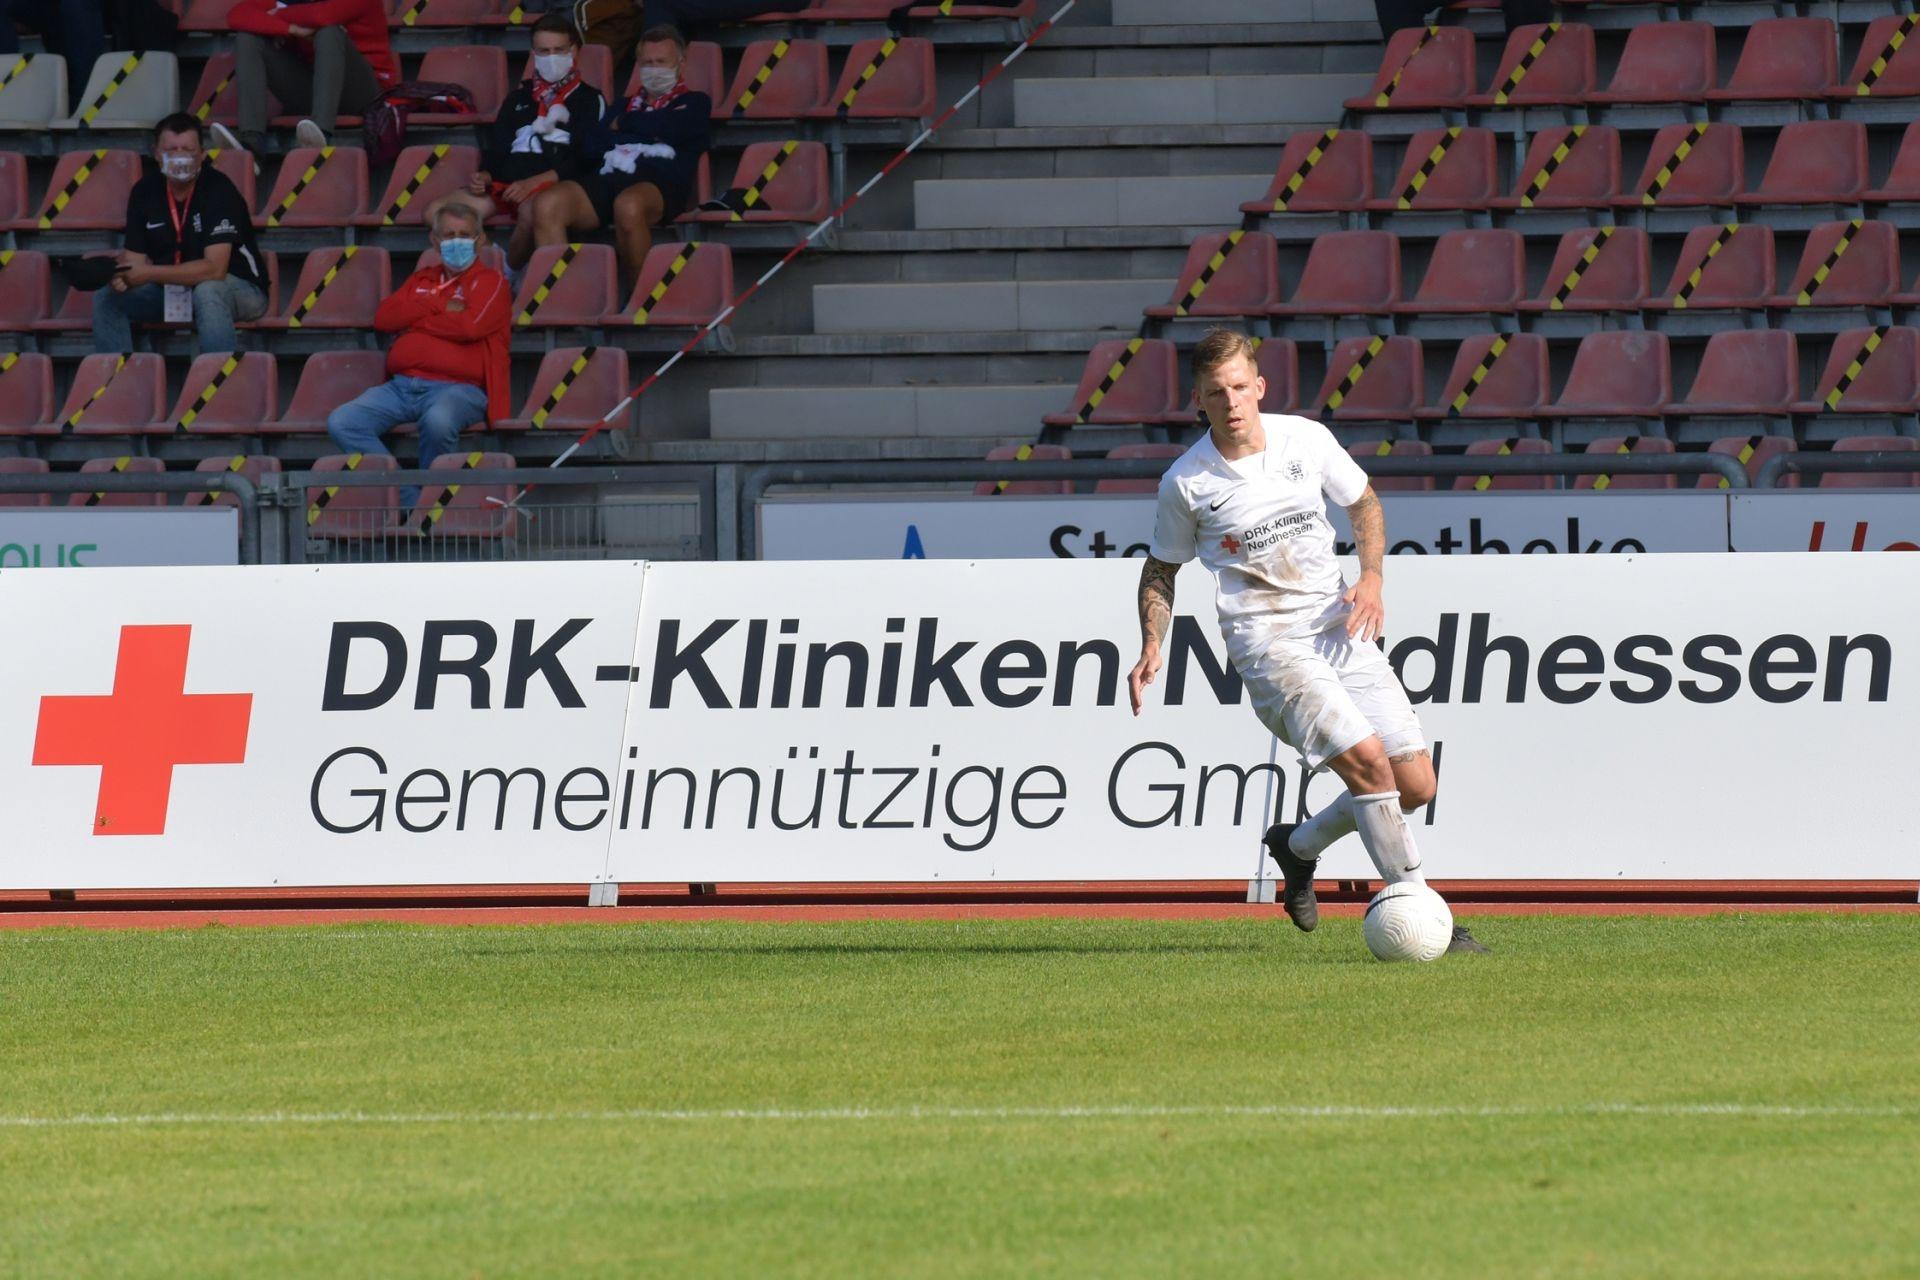 Regionalliga Südwest 2020/21, KSV Hessen Kassel, Rot-Weiss-Koblenz, Endstand 1:1, Tim-Philipp Brandner